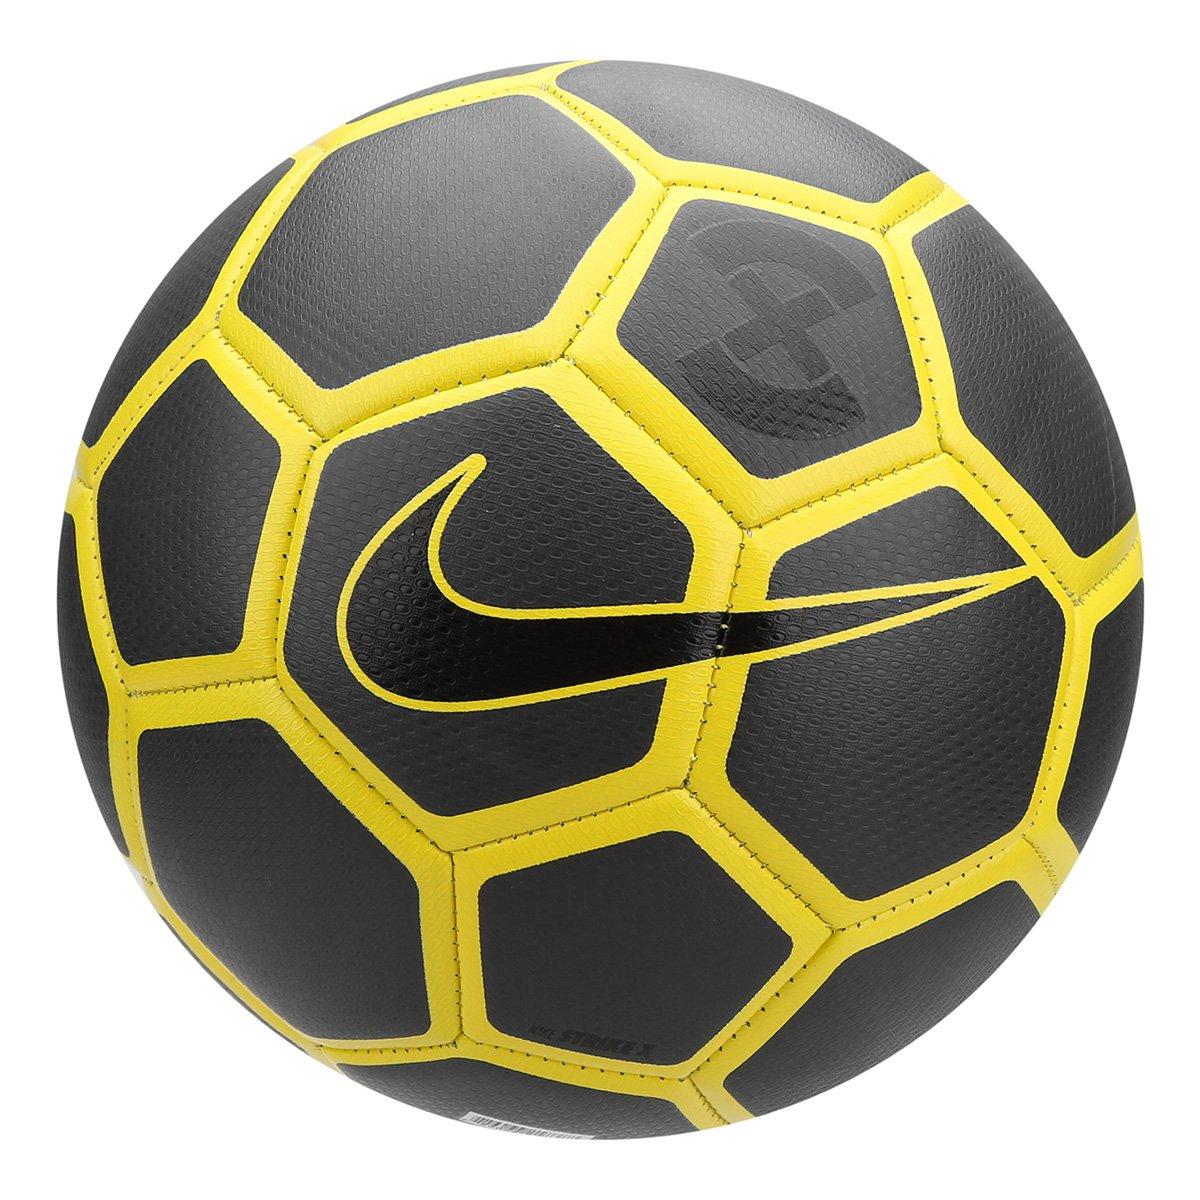 ad0adfe34 Bola de Futebol Campo Nike Strike X - Amarelo e Preto - Compre Agora ...